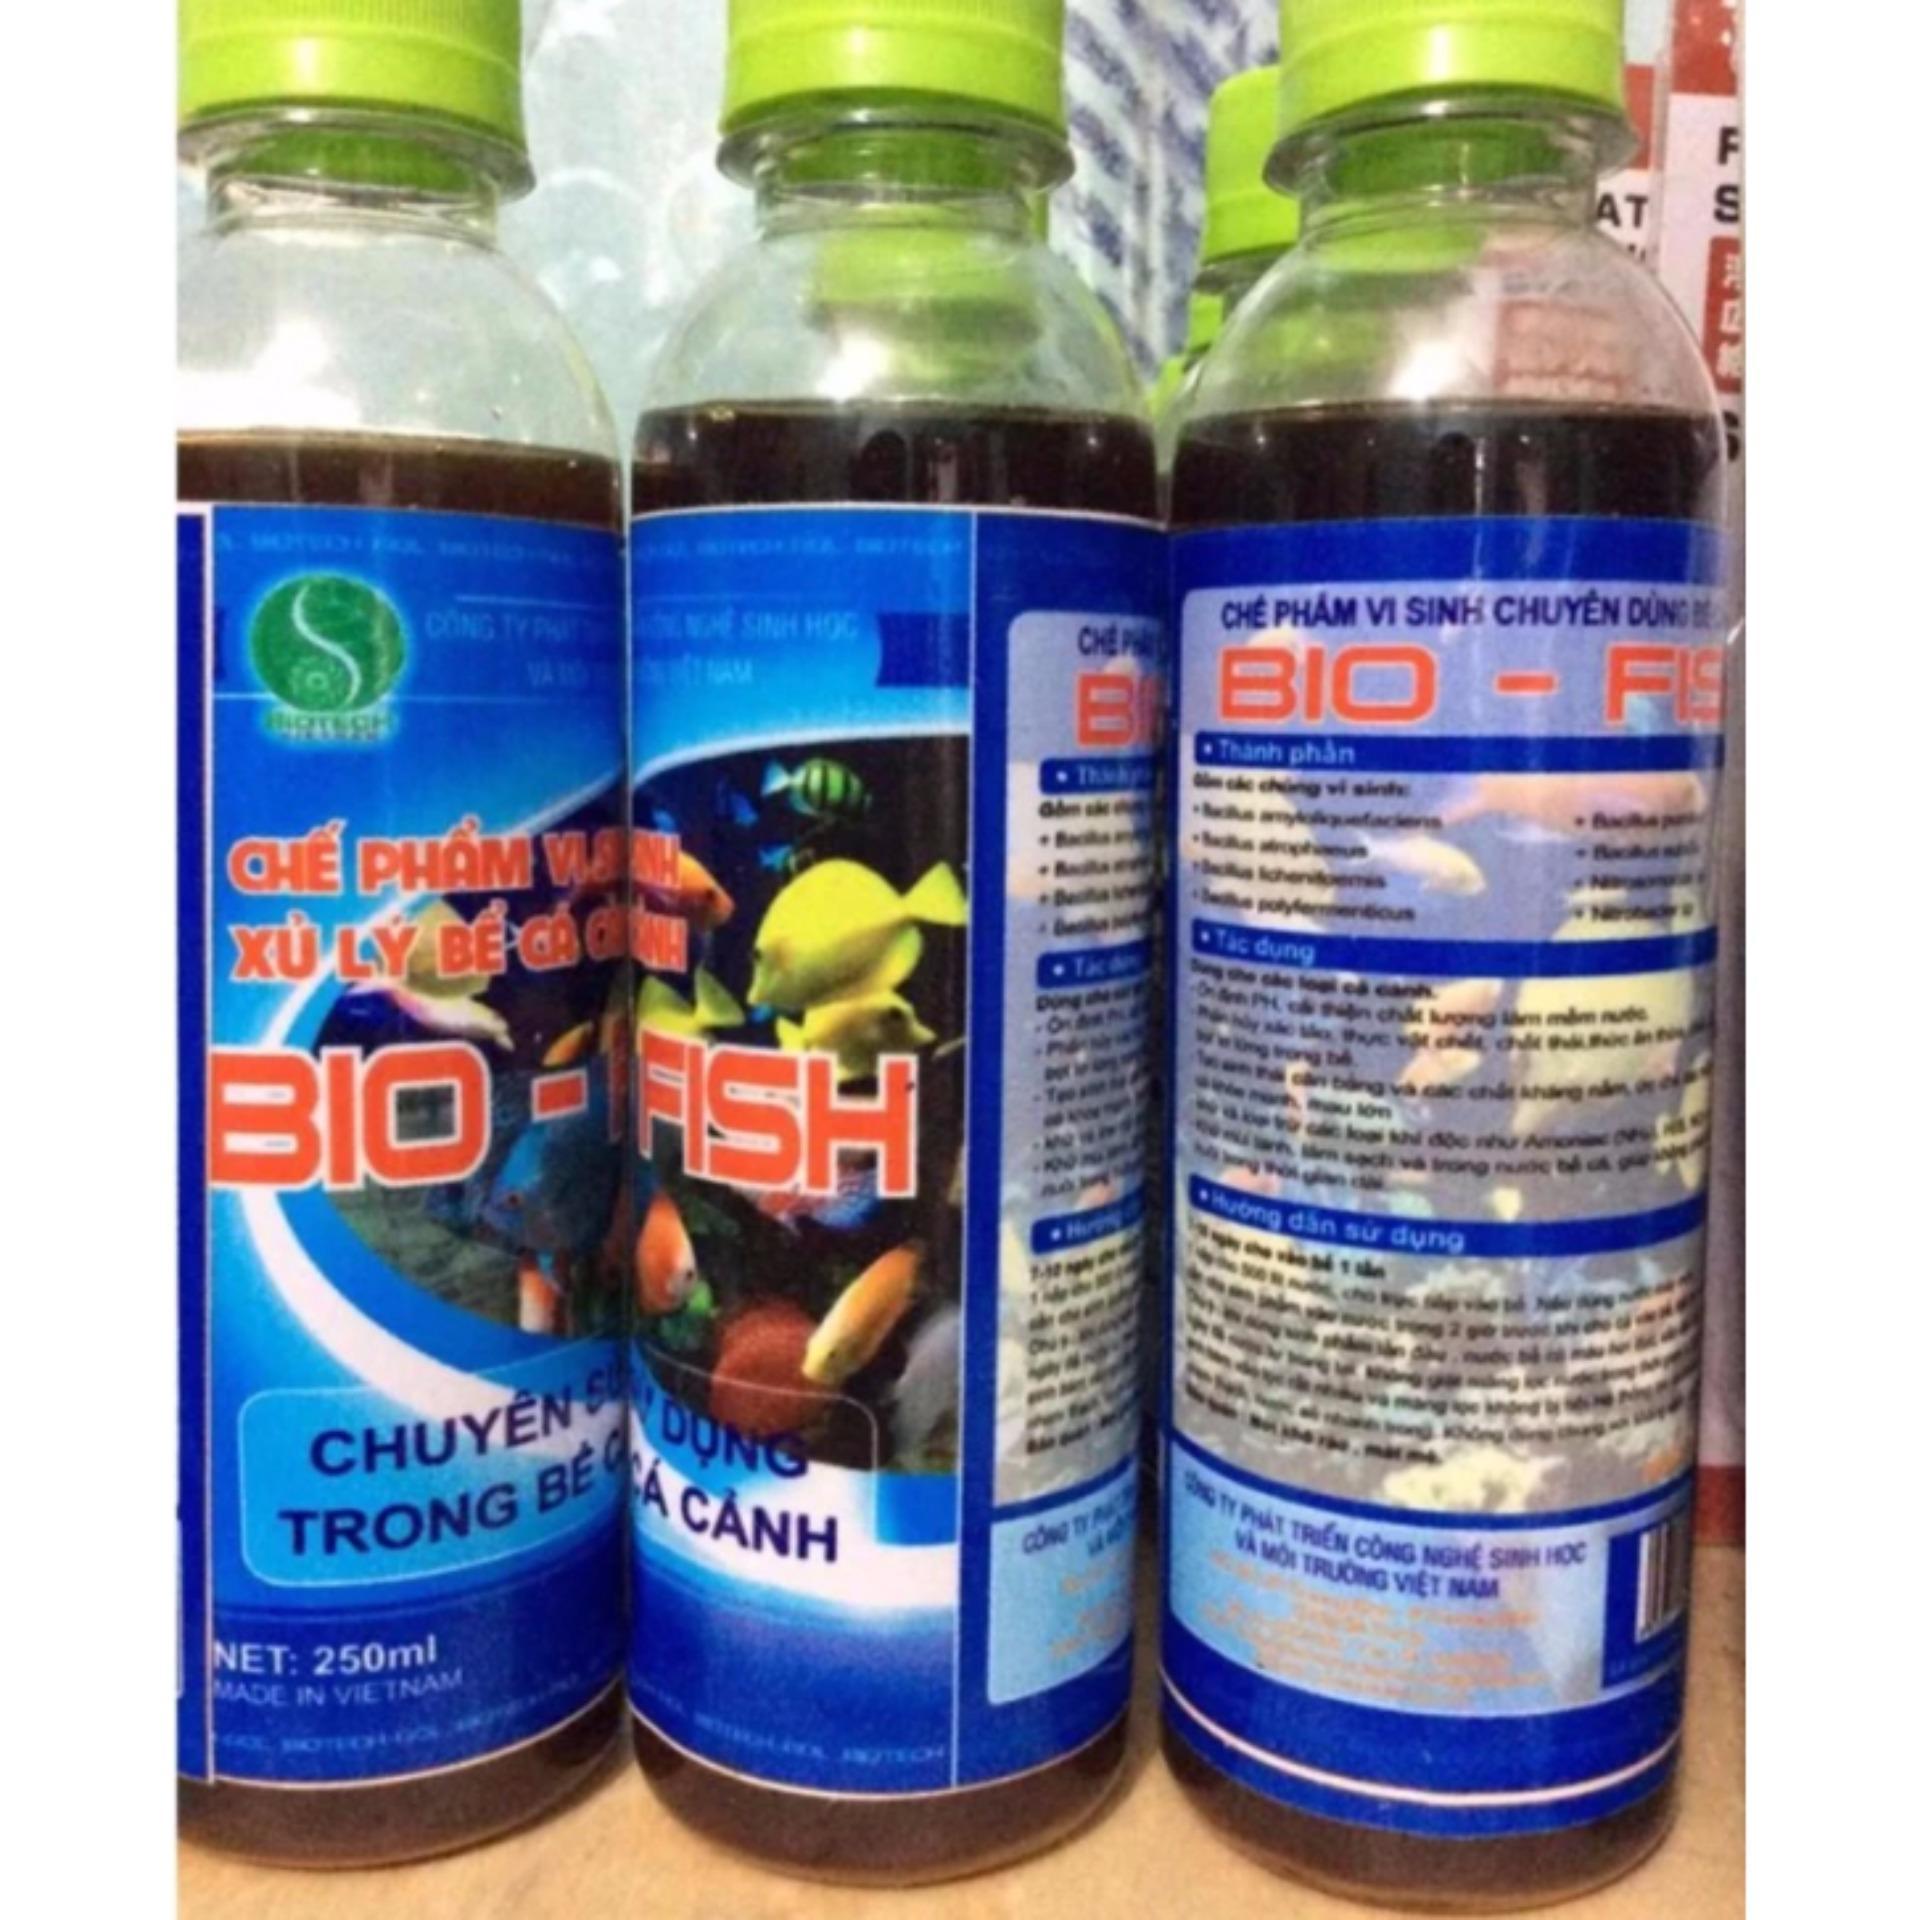 Chế phẩm vi sinh BiOTECH BIO-FISH làm sạch nước bể cá cảnh, chống rêu mốc và nuôi cá không phải thay nước trong thời gian dài